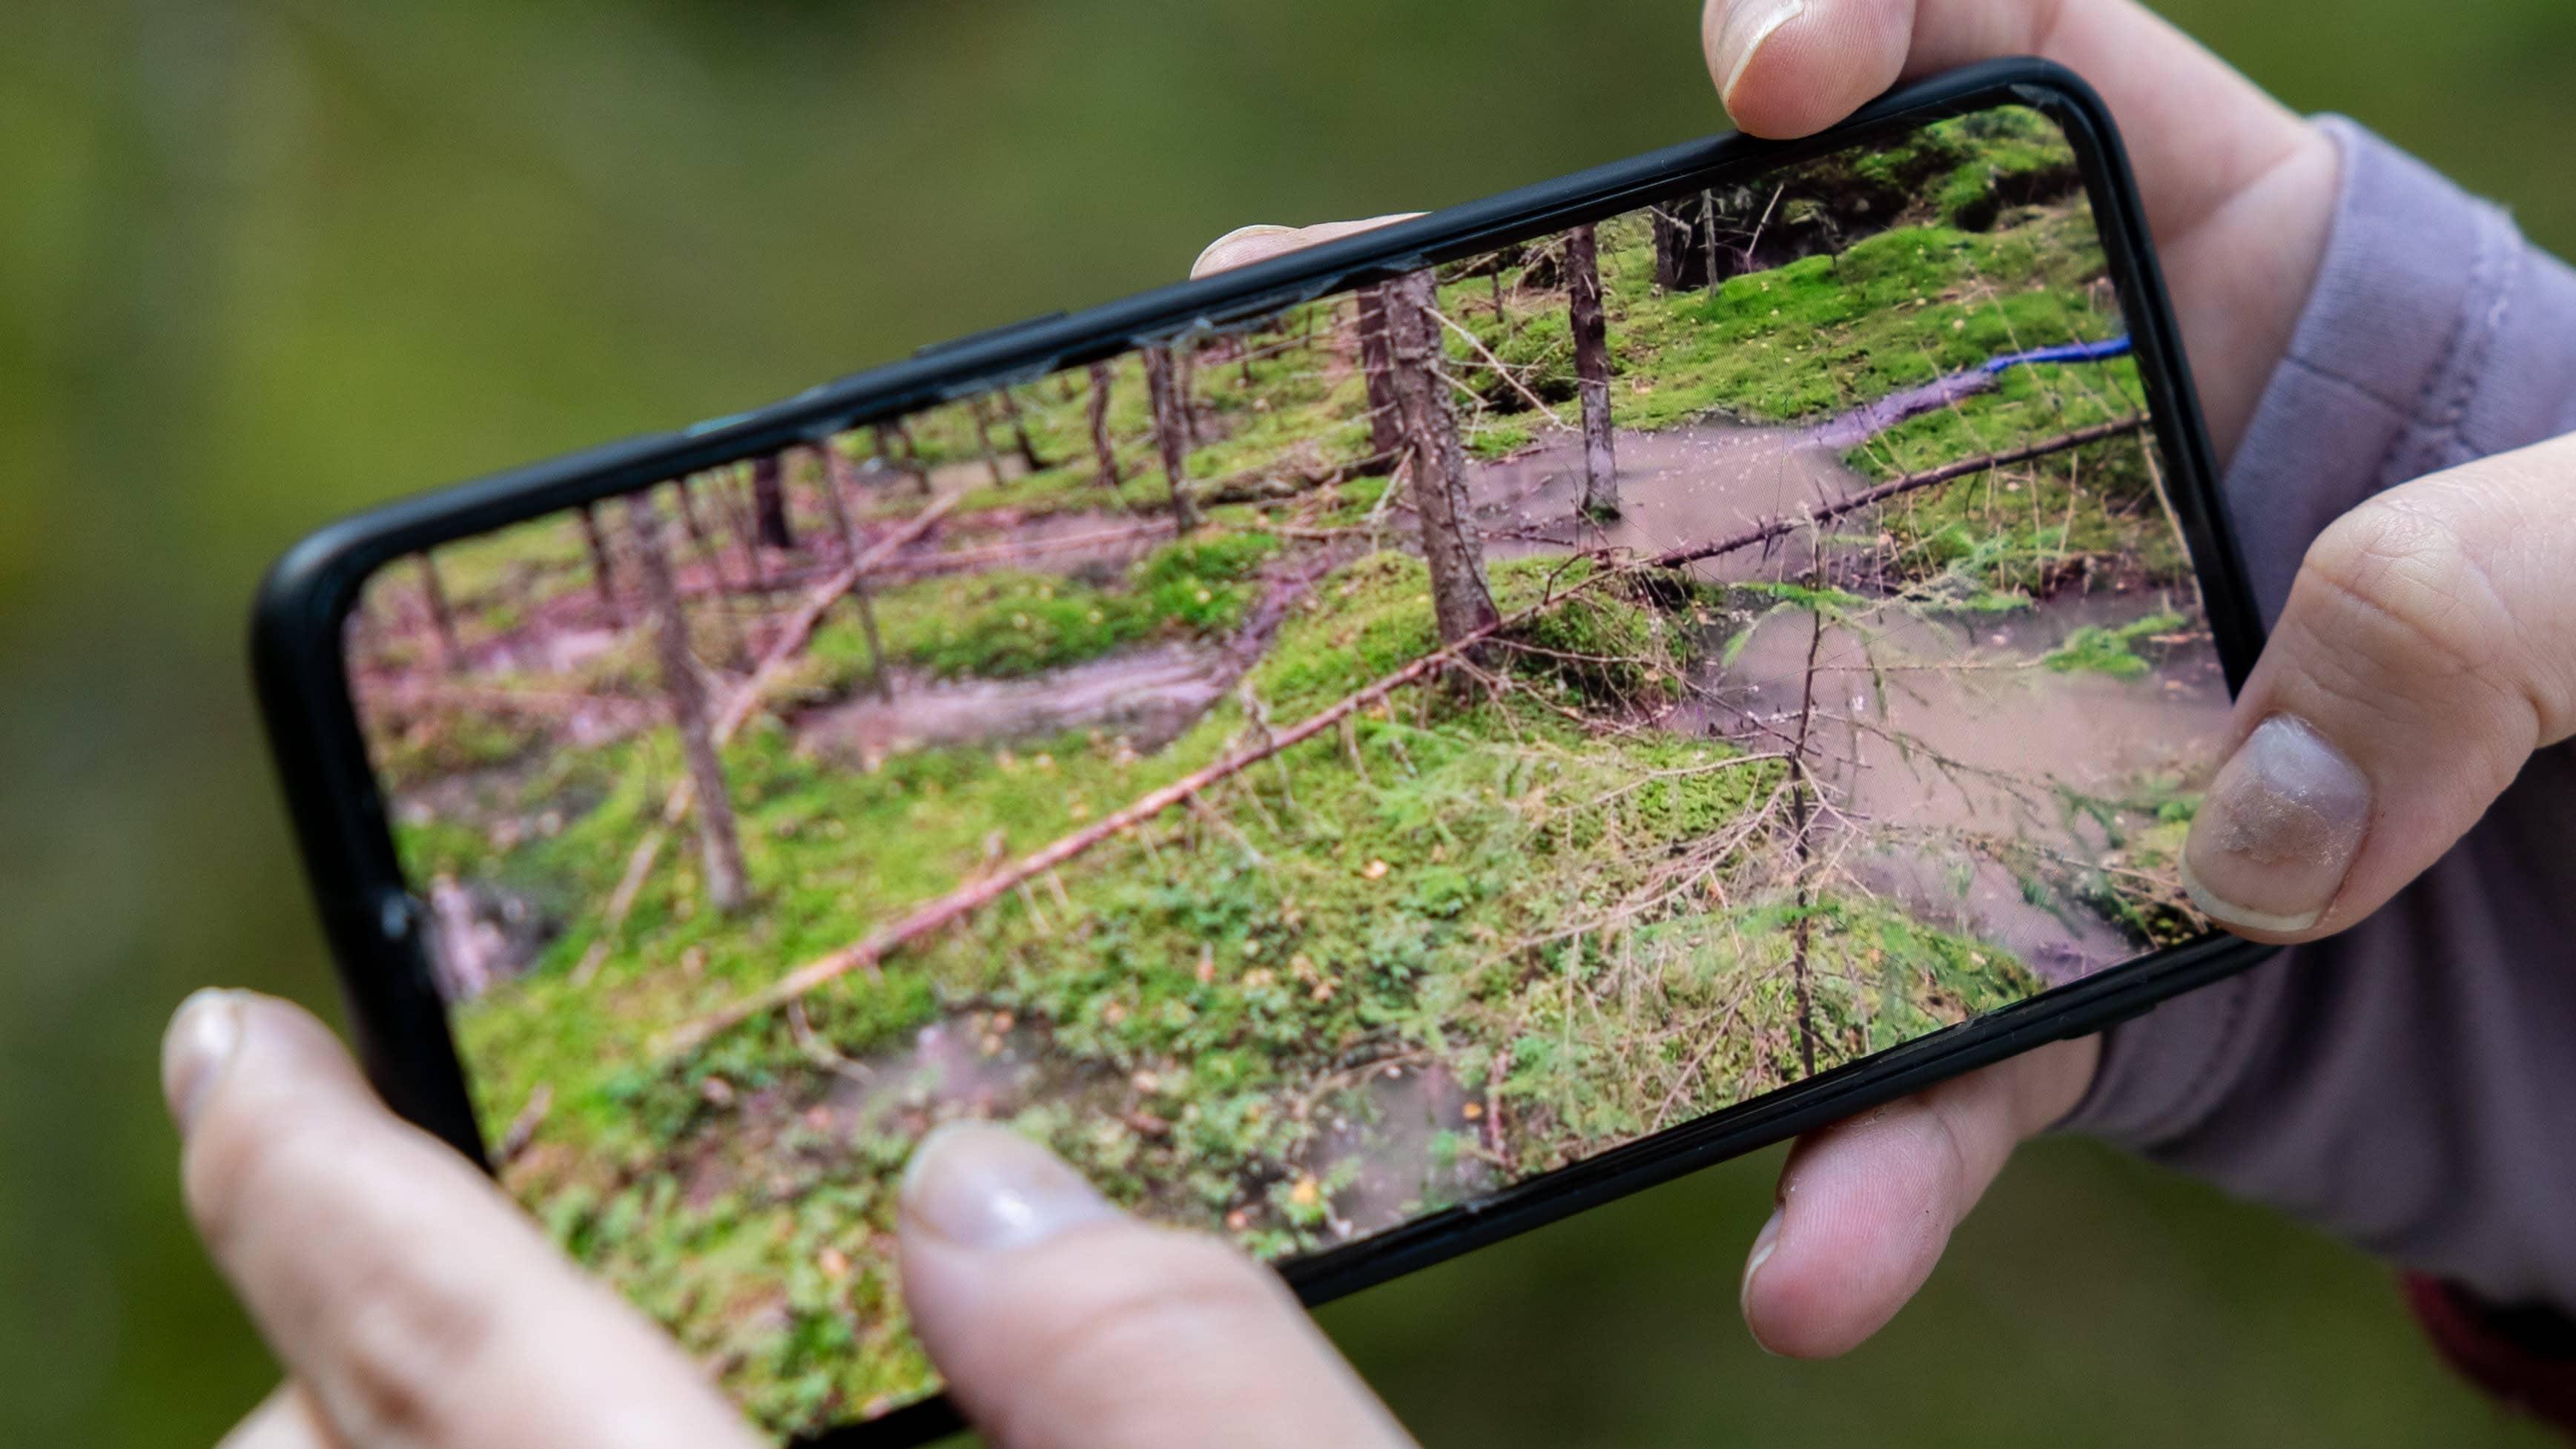 Riina Ahonen esittelee kuvia metsään vettä ryöpyttävästä hulevesien juoksutuksesta